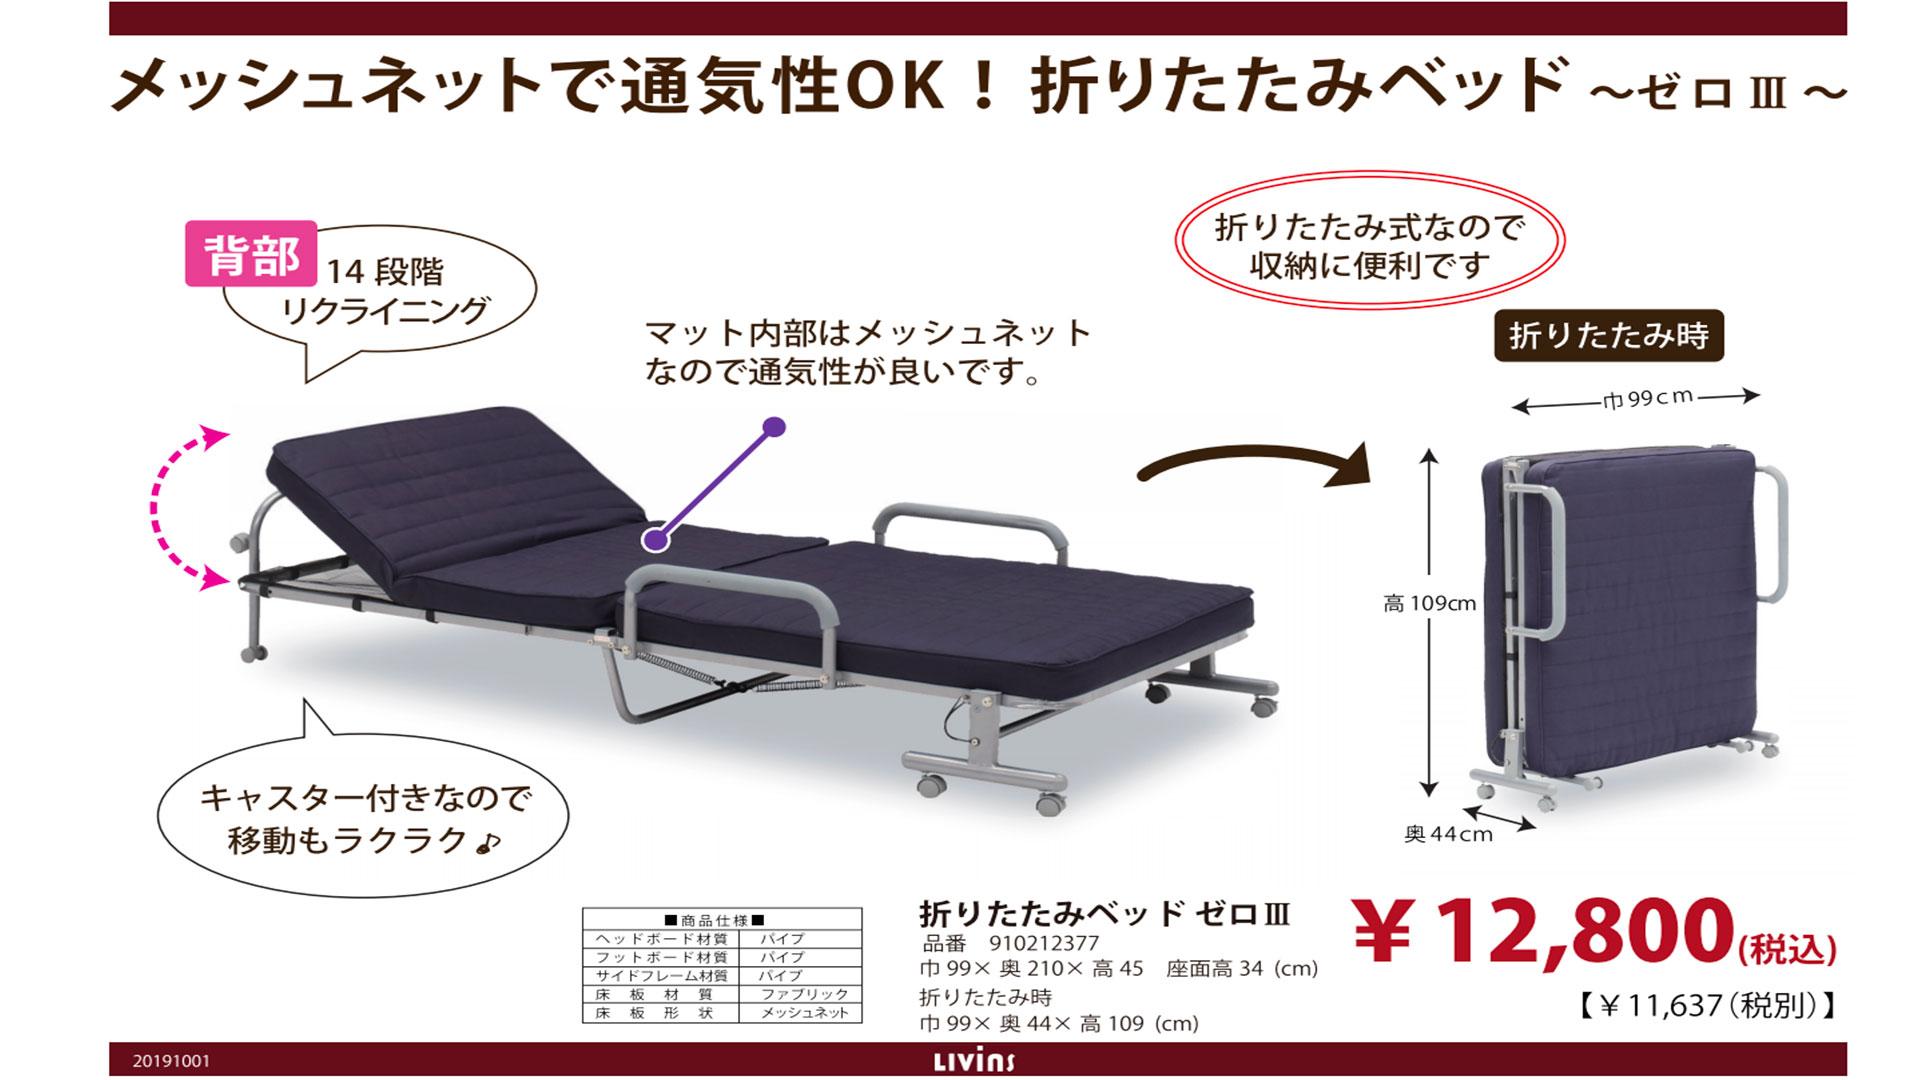 リビンズの折りたたみベッド「ゼロ」のPOPの画像